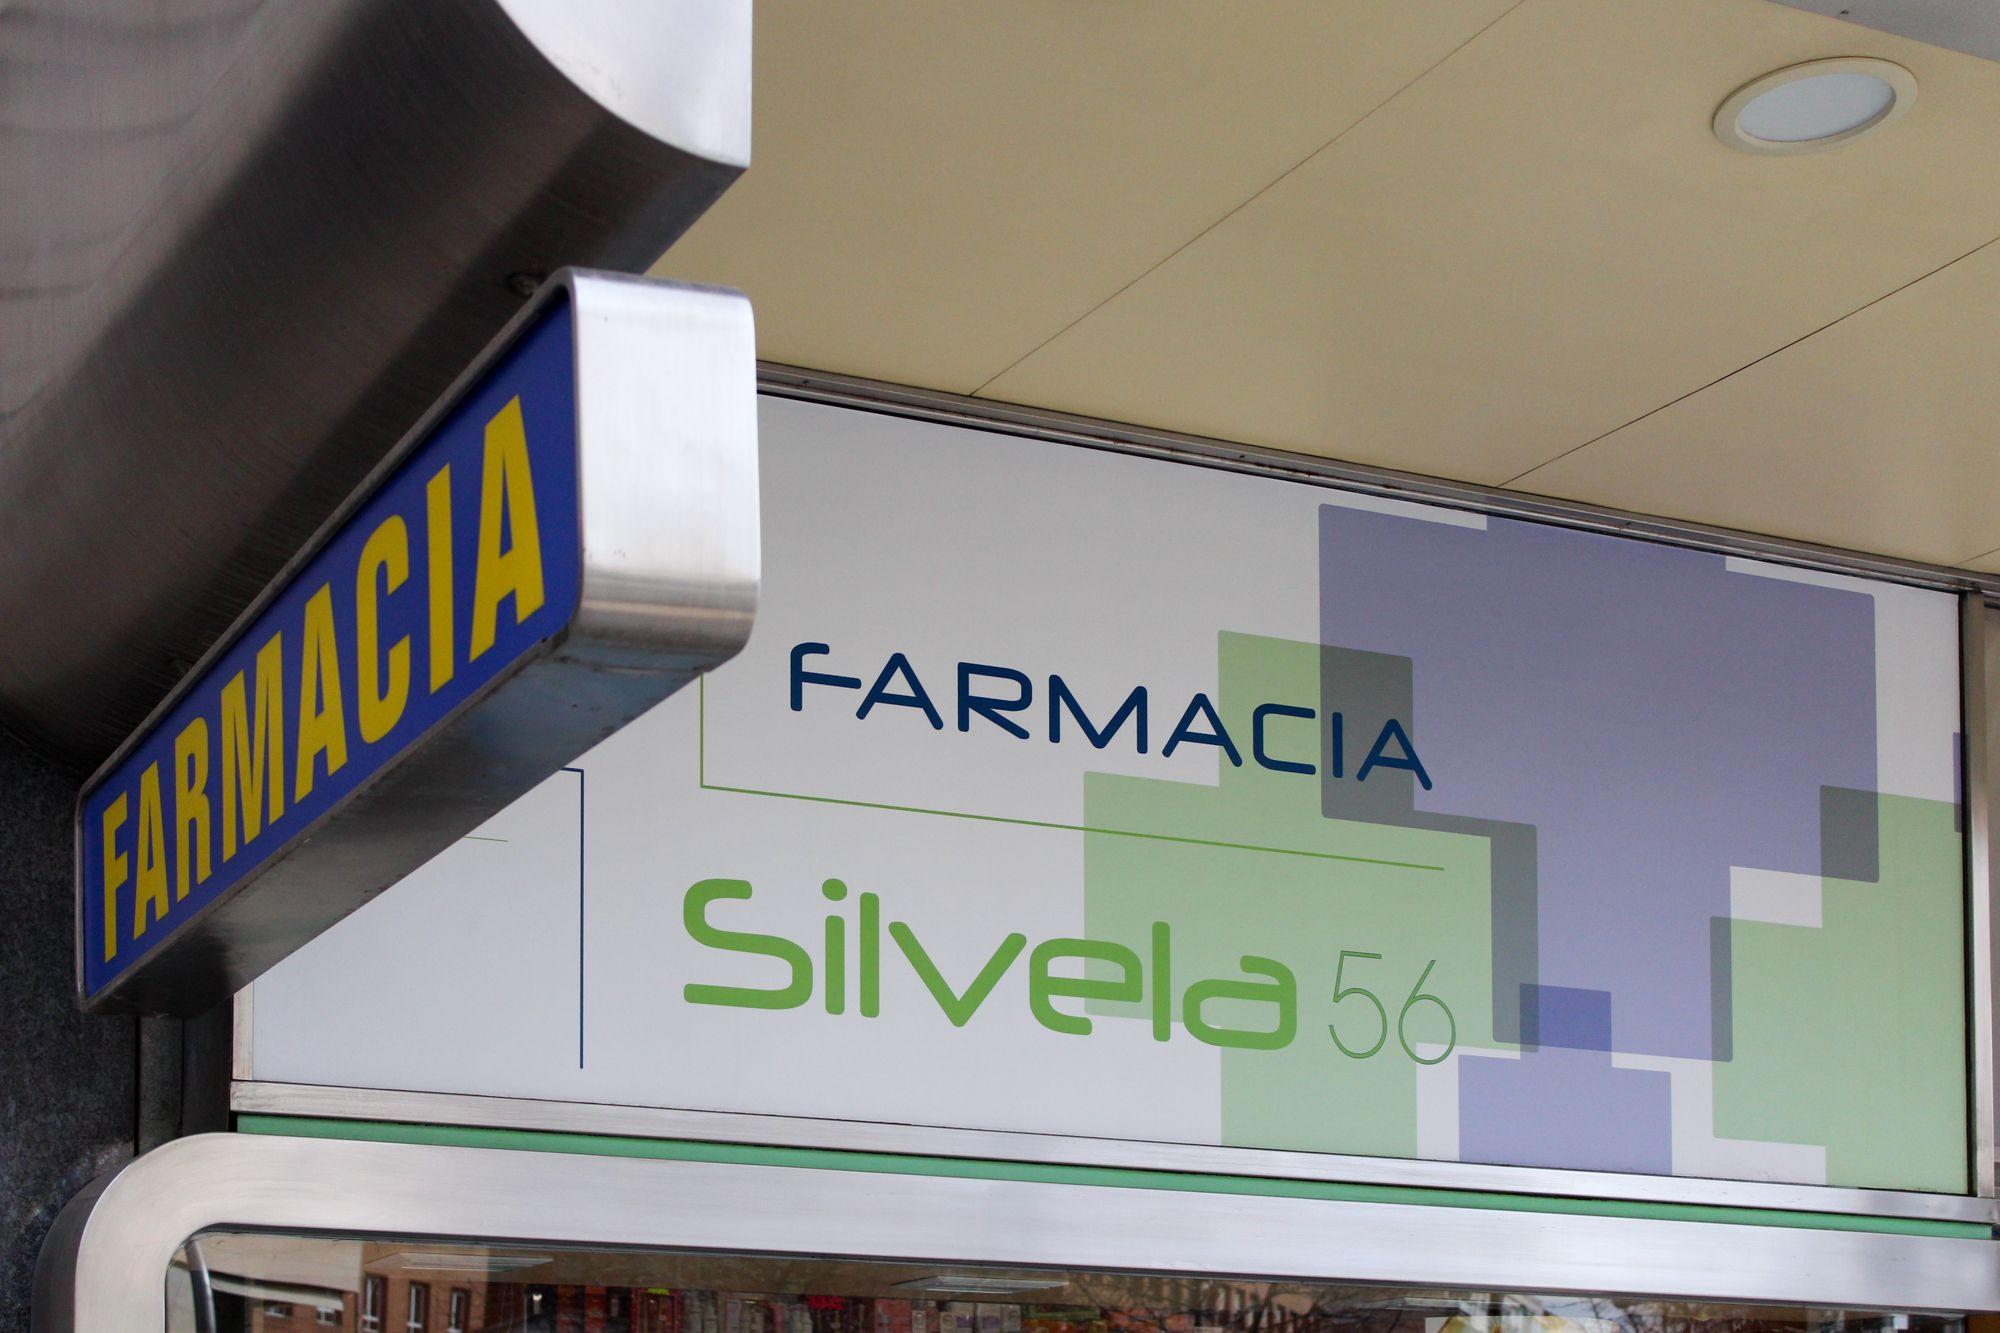 Foto 8 de Farmacias en Madrid | Farmacia Silvela 56